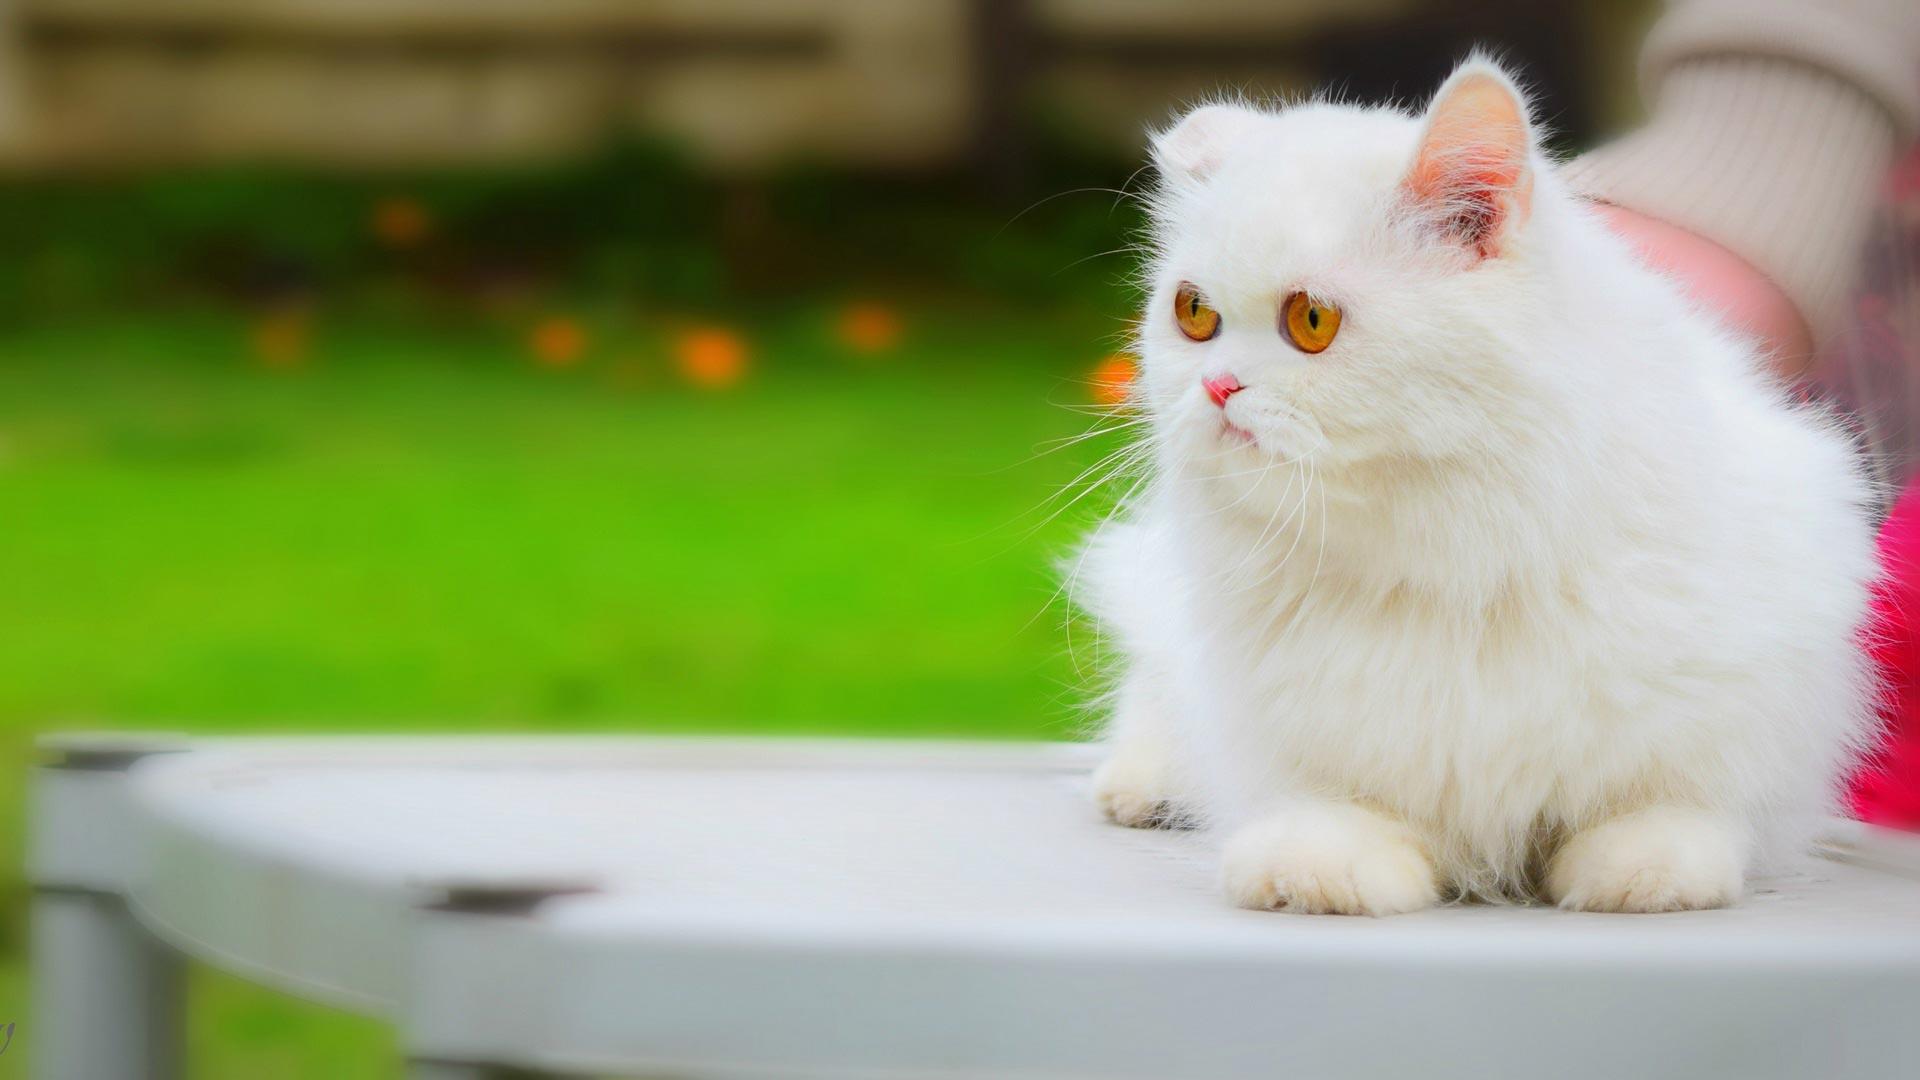 قطة راقيقة وناعمة جدا لونها ابيض تجلس على منضدة